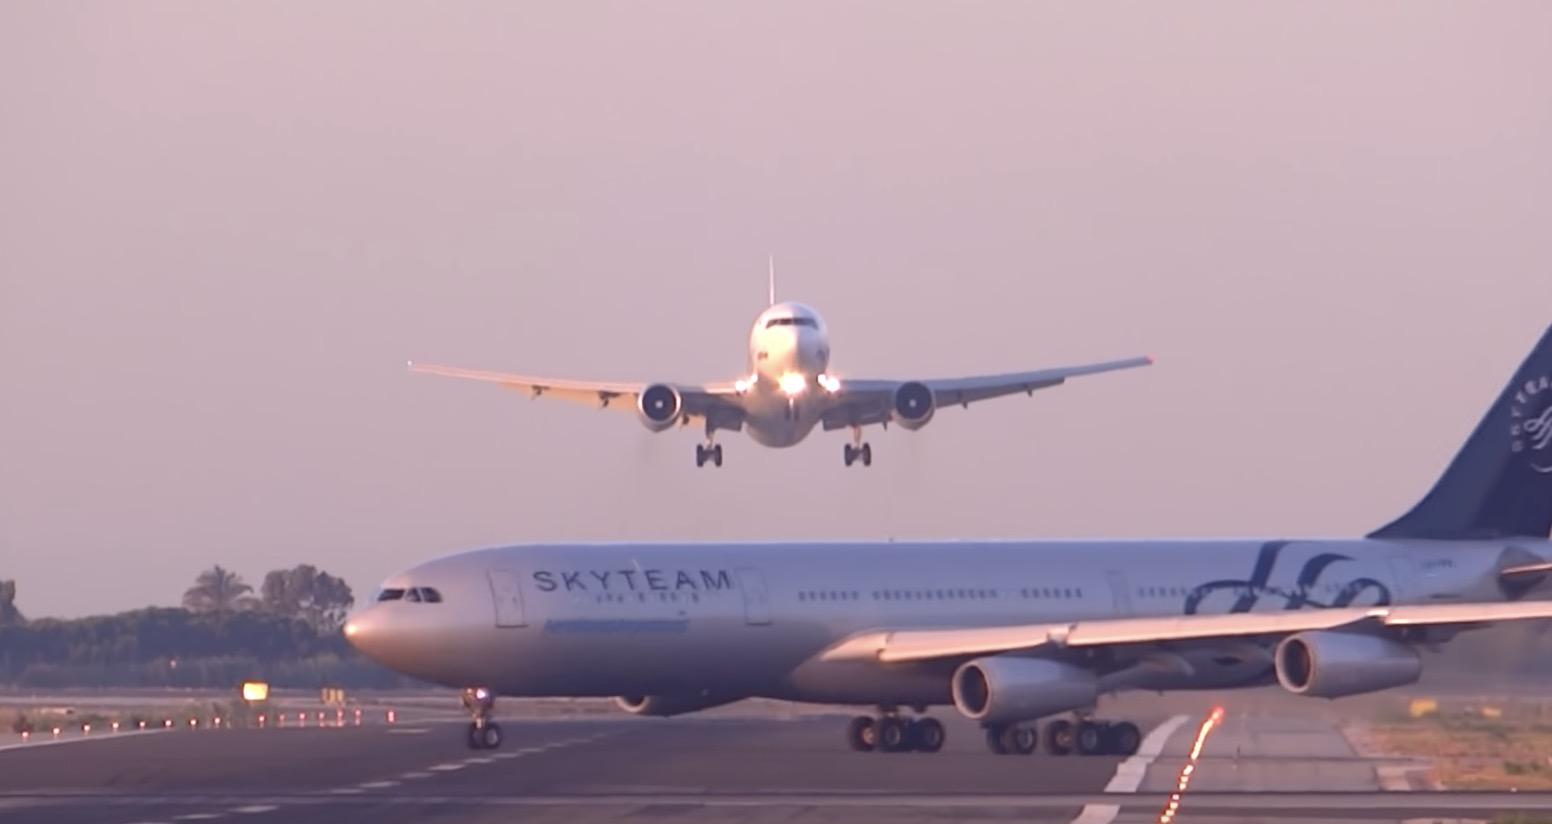 着陸態勢の飛行機の滑走路に別の飛行機が!緊張の瞬間